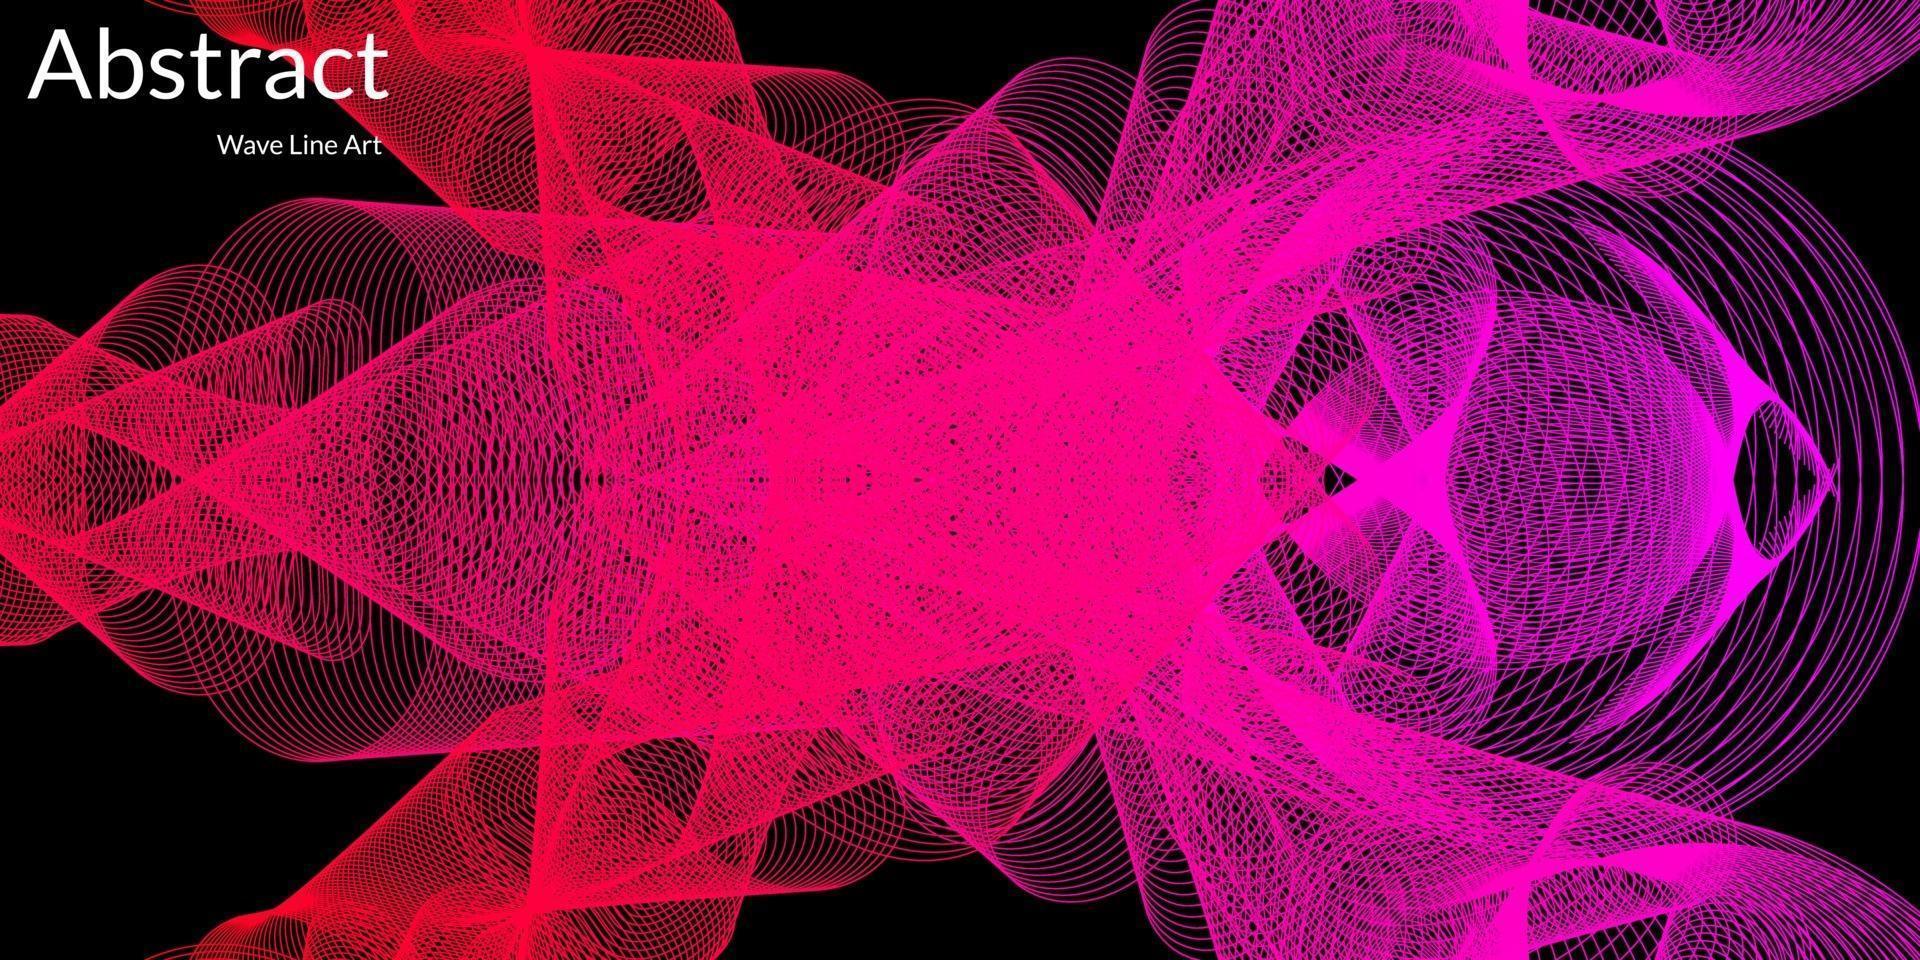 moderner abstrakter Hintergrund mit Wellenlinien in lila und roten Abstufungen. Wellenlinienkunst, gebogenes glattes Design. Vektorillustration vektor